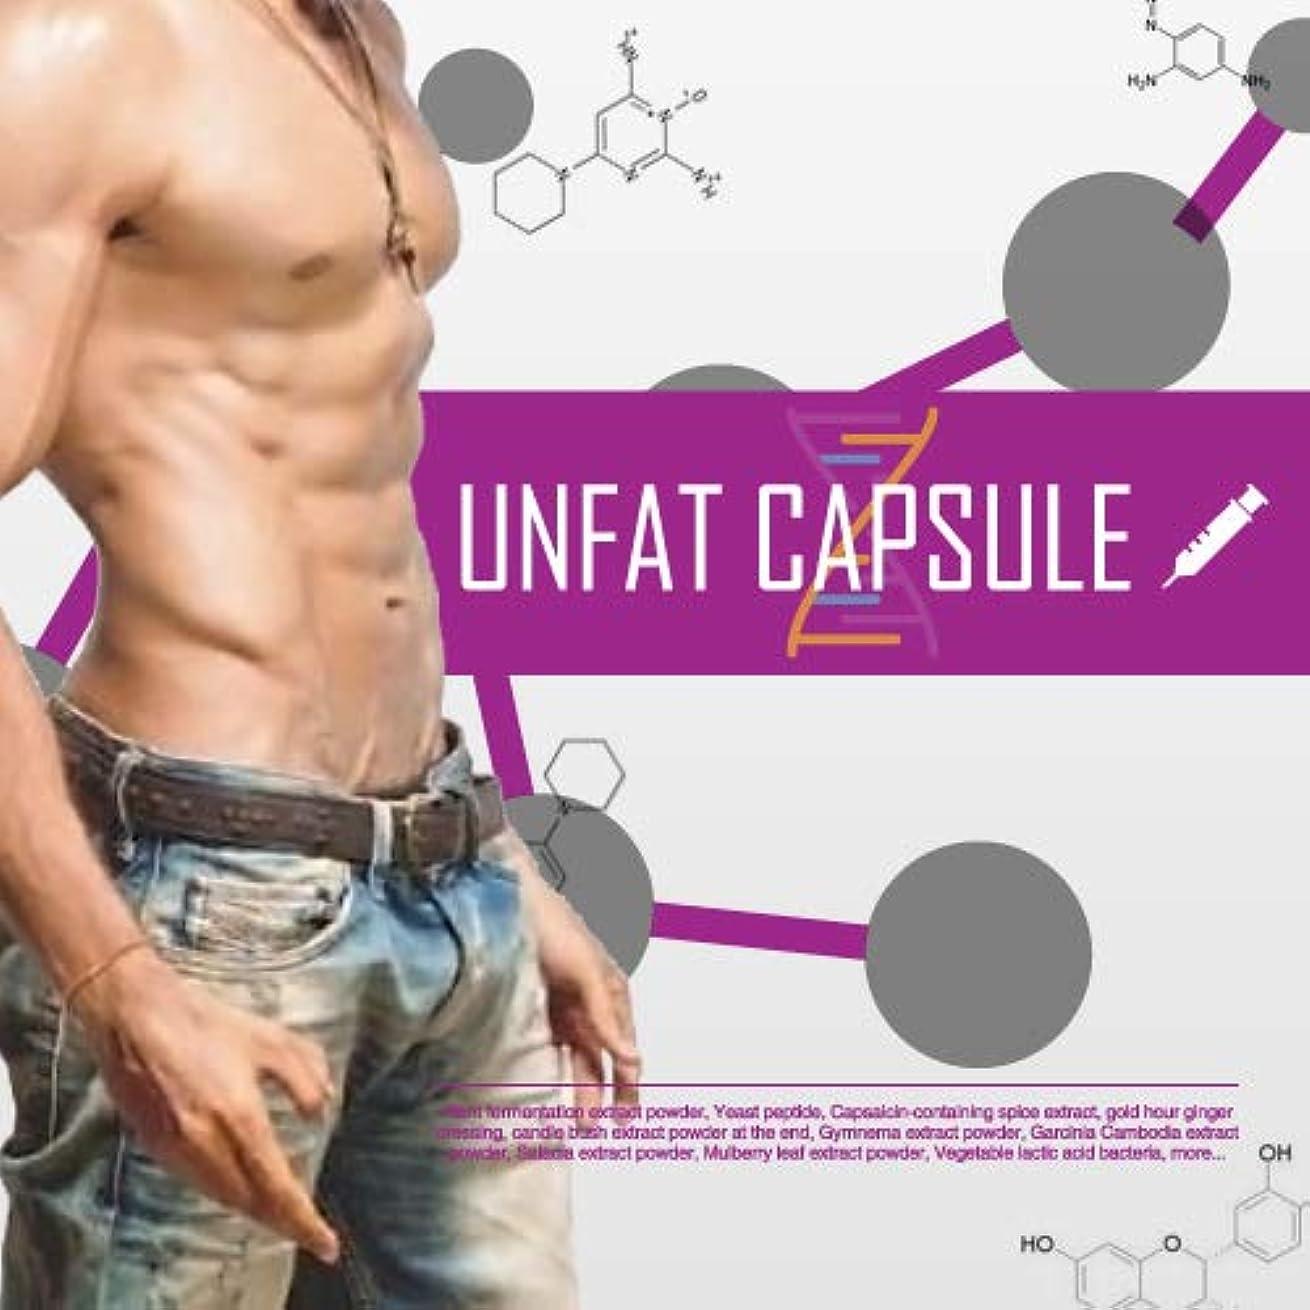 関与するささいなフォーラムアンファットカプセル (5) / ダイエットサプリ サプリメント コエンザイムQ10 プラセンタ ブラックジンジャー ビタミンC アルギニン 栄養補助食品 美ボディ 美body